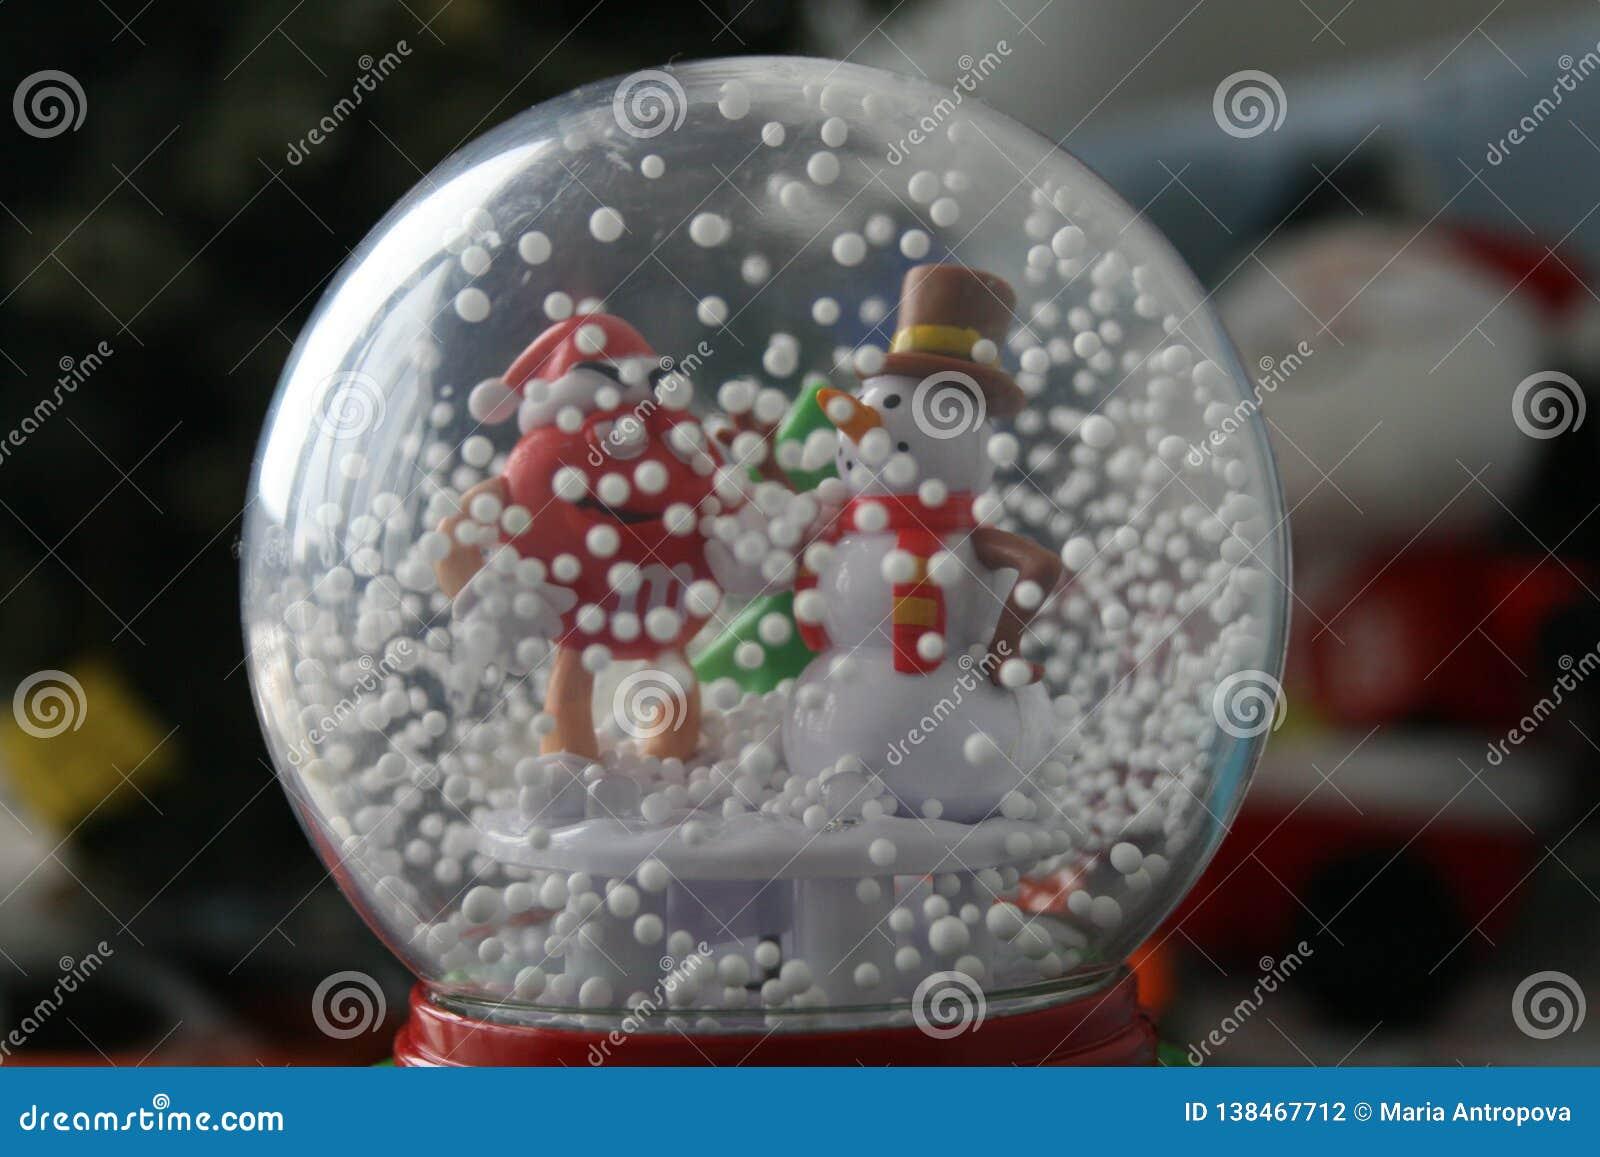 Snögubbe i en exponeringsglasboll - garnering